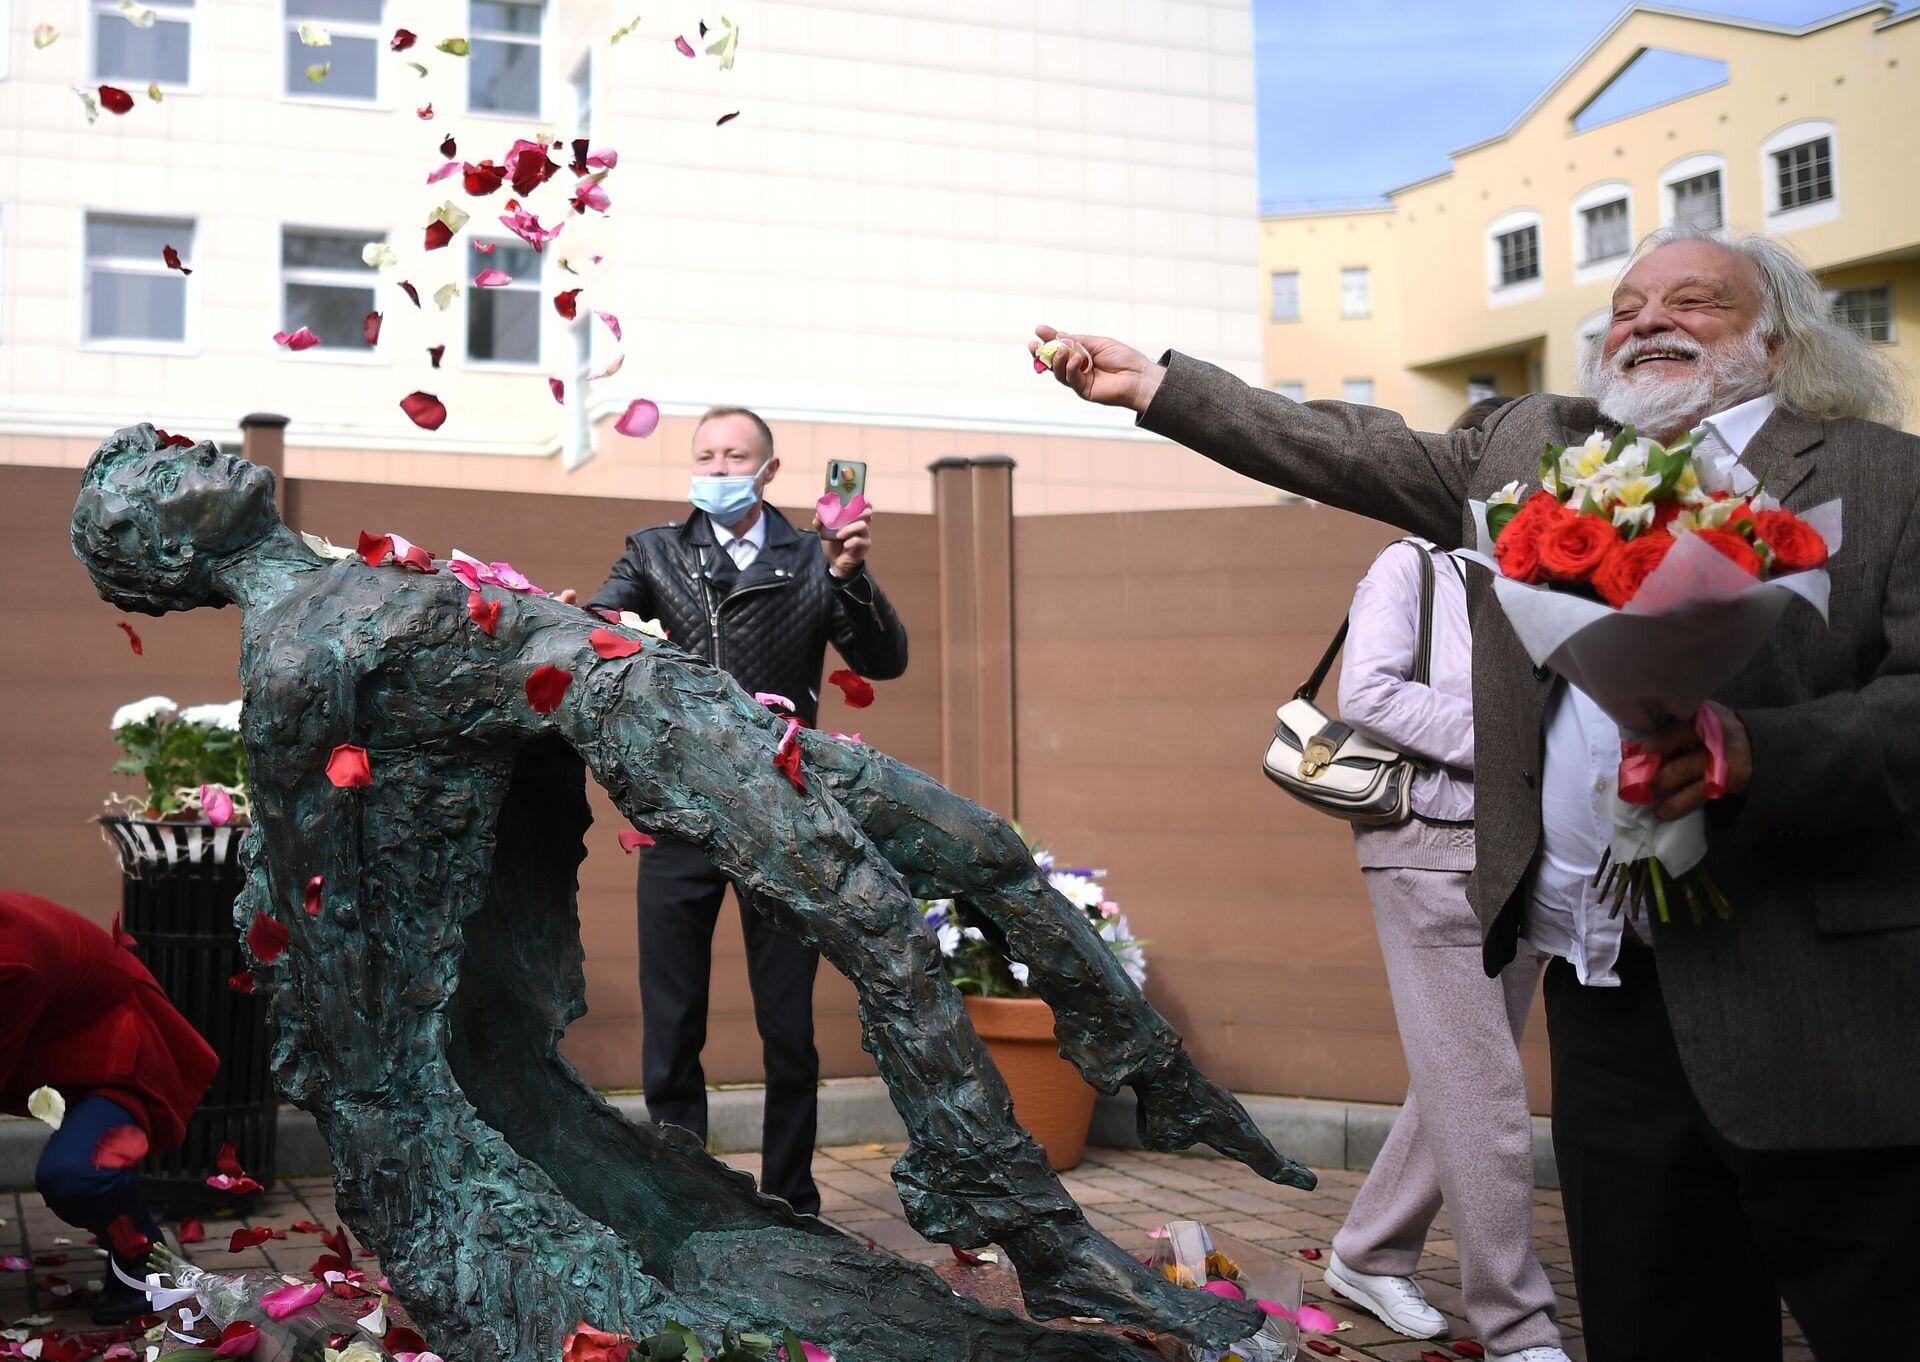 1577947577 0:0:2886:2048 1920x0 80 0 0 8239aff15a1f067a842a9a76f70c5e19 - В Москве открыли памятник Сергею Есенину к 125-летию поэта